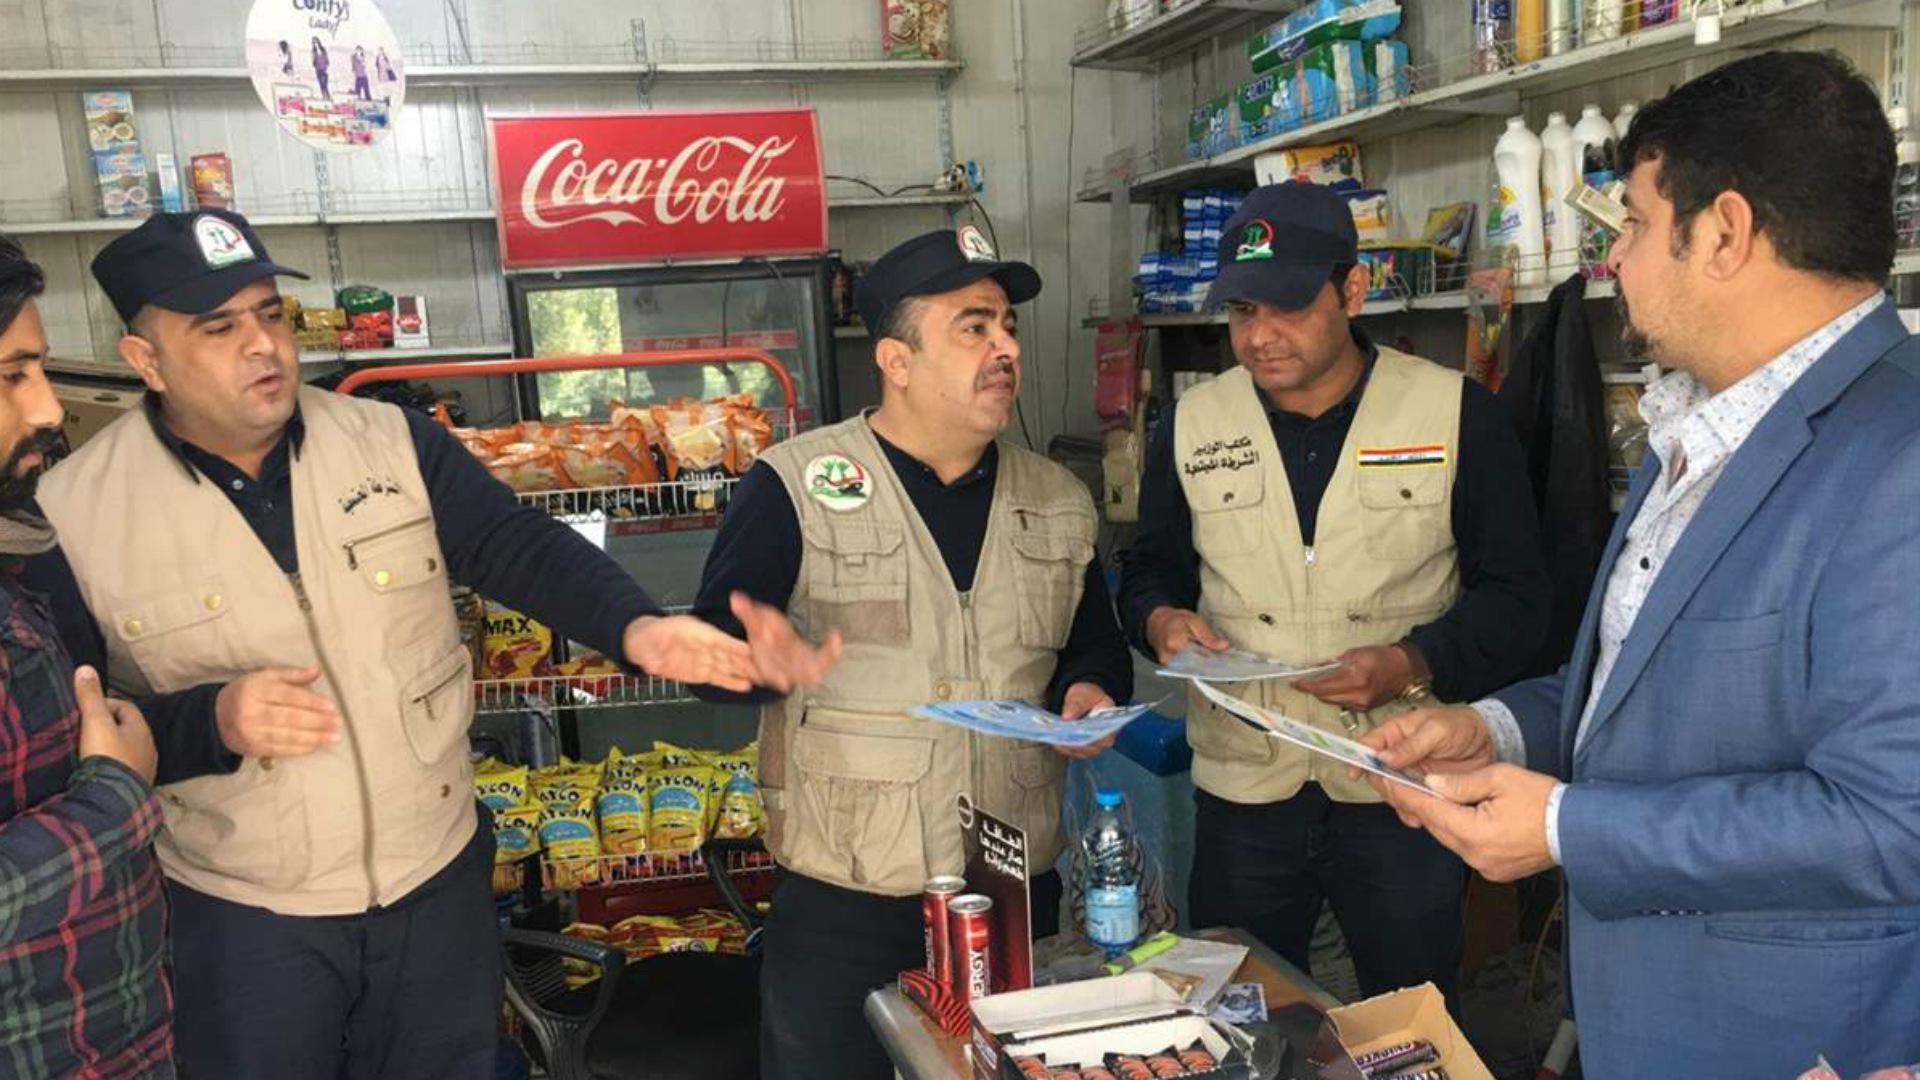 الشرطة المجتمعية تجول الأسواق لحث المواطنين على شراء المنتج الوطني